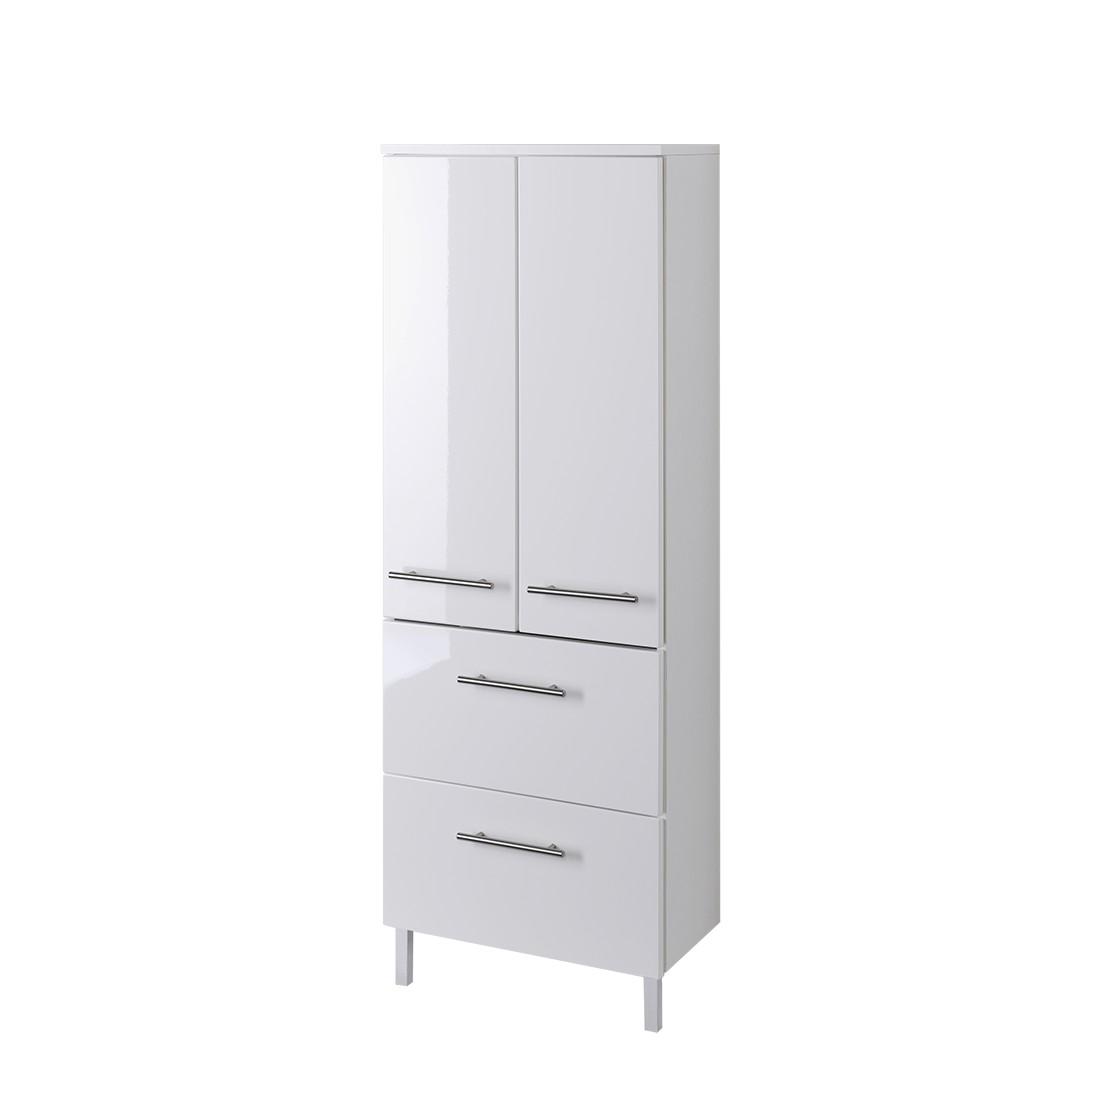 Armadietto da bagno kopenhagen - bianco lucido/bianco - 50 cm, mooved ...